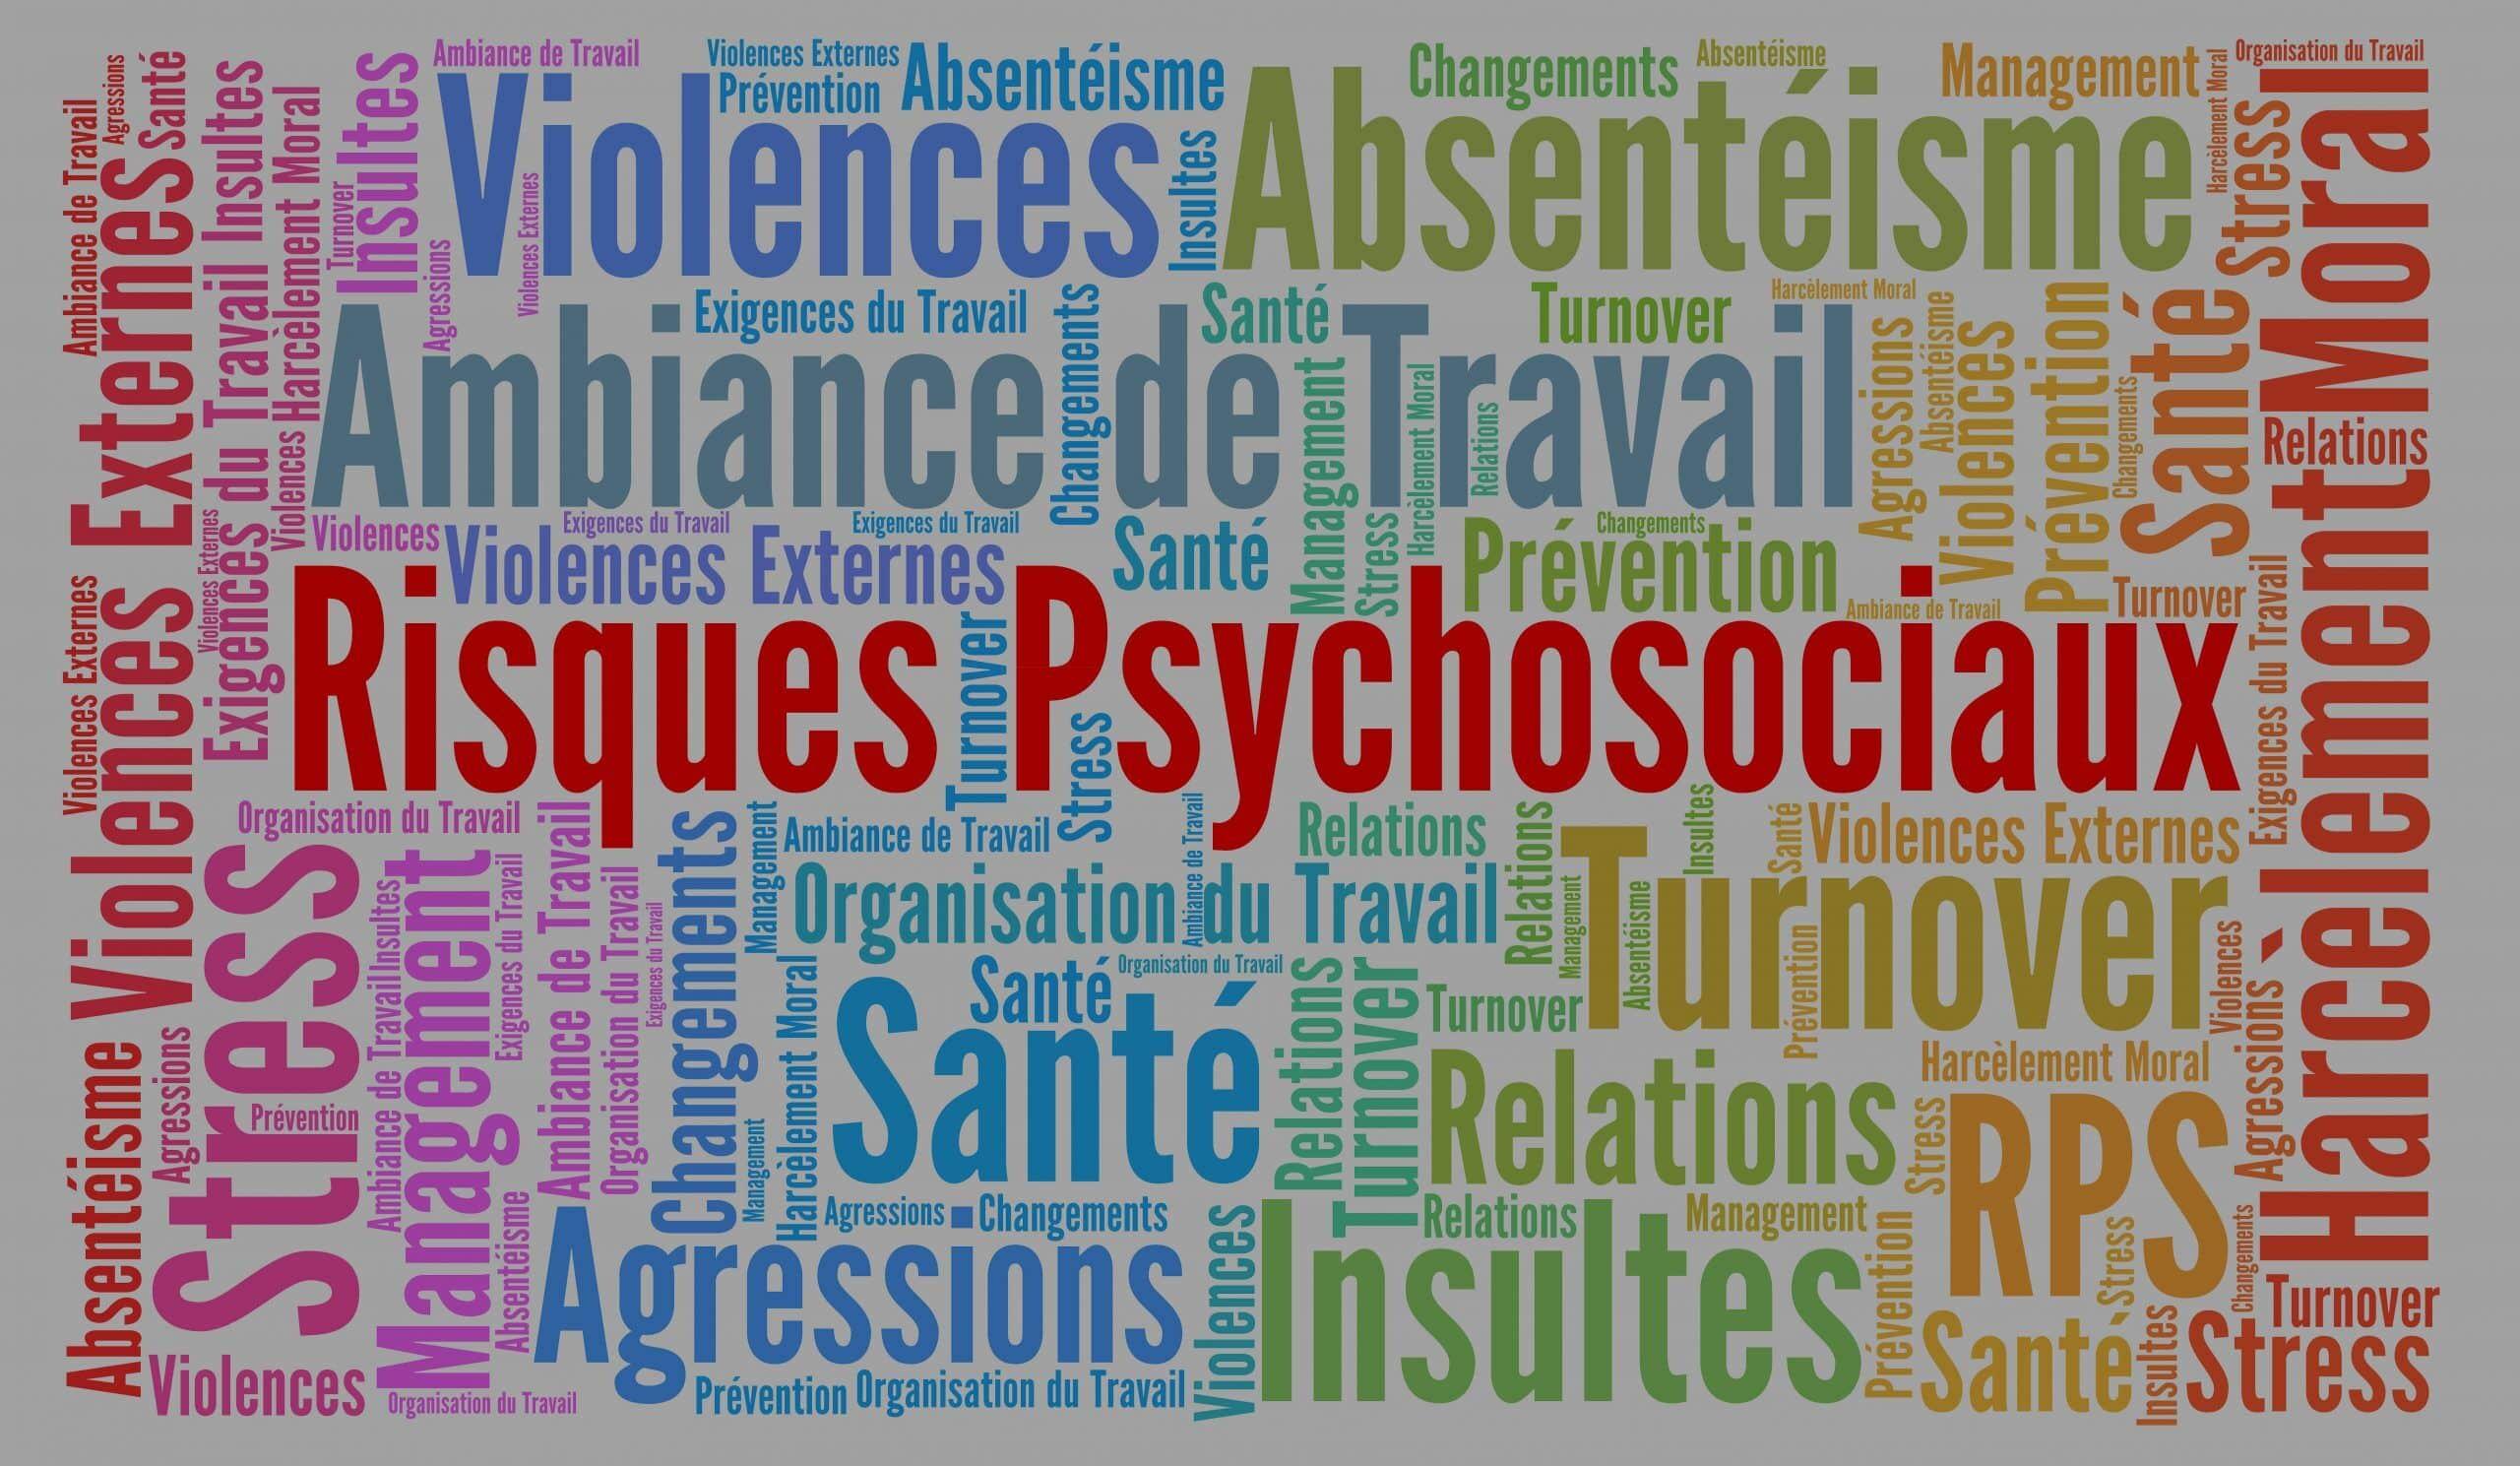 Les Risques Psycho-Sociaux à l'agenda de tous les RH et Managers en 2021